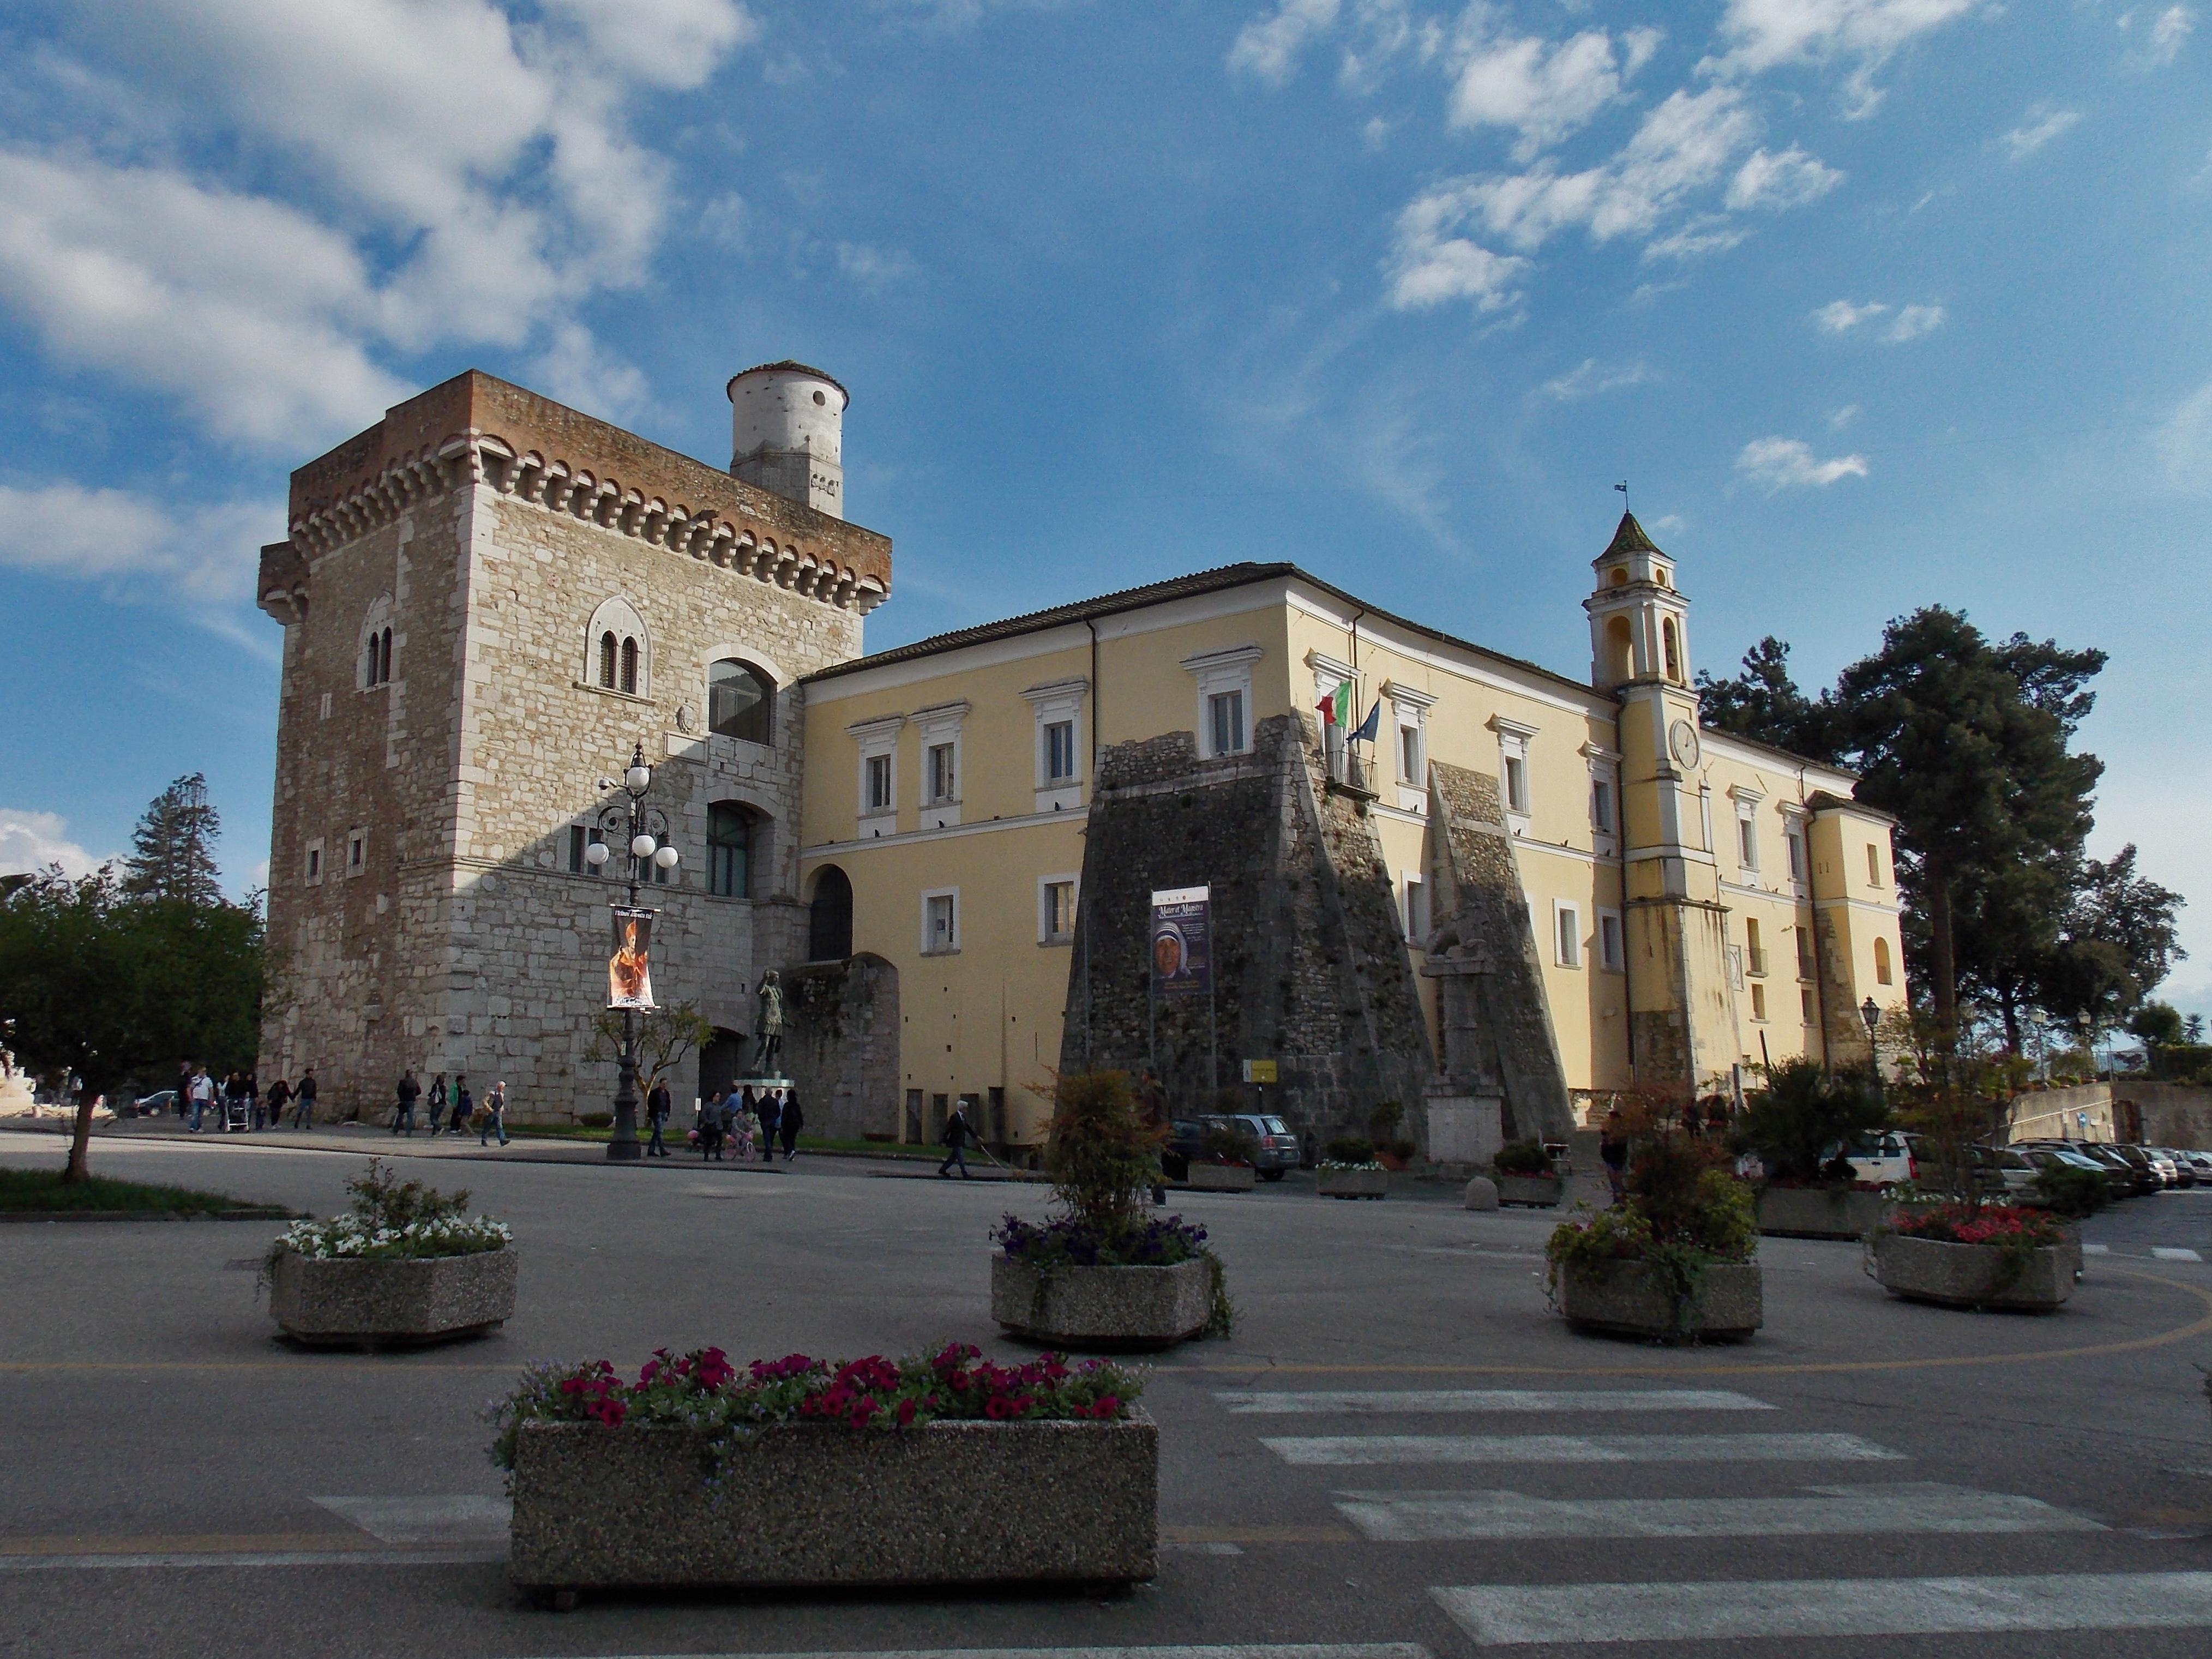 Della Di Wikipedia Provincia Presidenti Benevento 4LRA5j